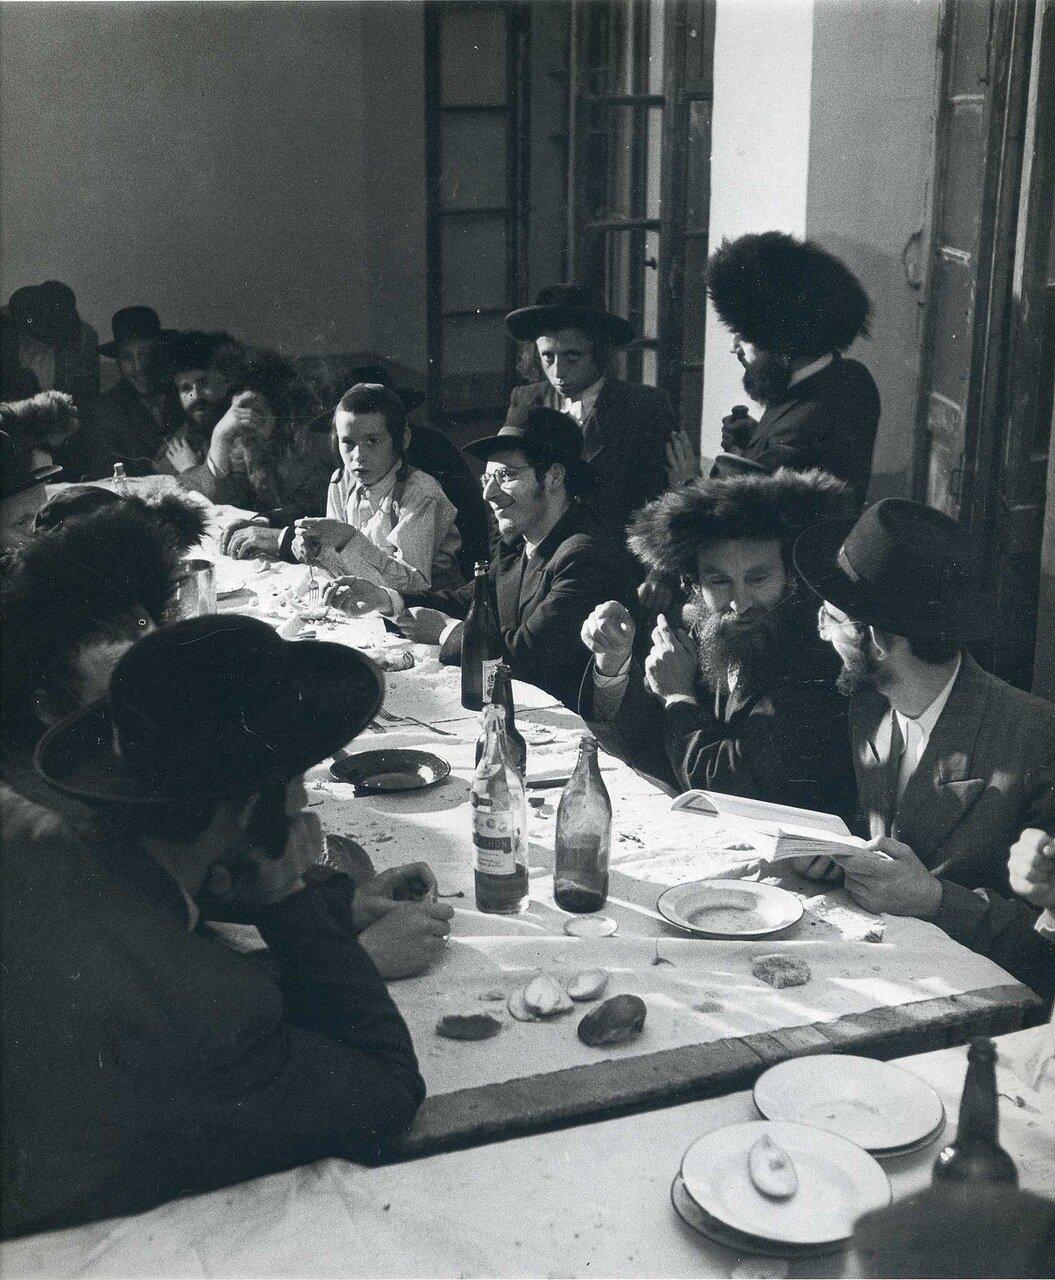 1949. Май-июнь. Заседание общества талмудистов в Меа Шеарим. Иерусалим.